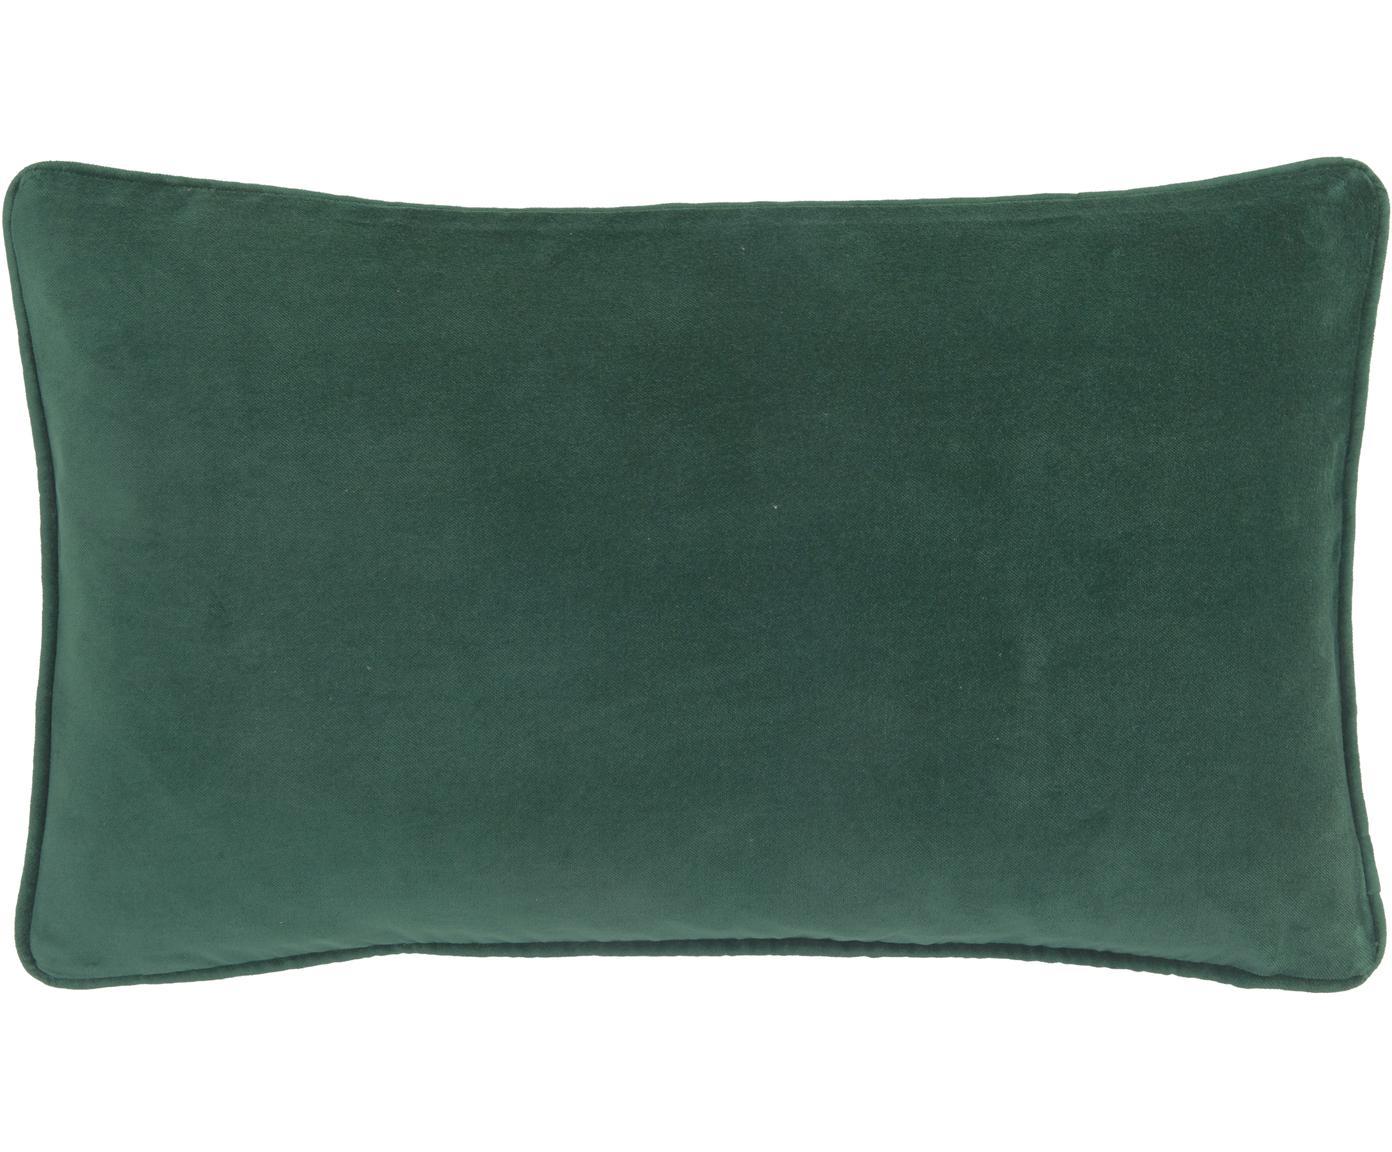 Federa arredo in velluto in verde smeraldo Dana, Velluto di cotone, Verde smeraldo, Larg. 30 x Lung. 50 cm